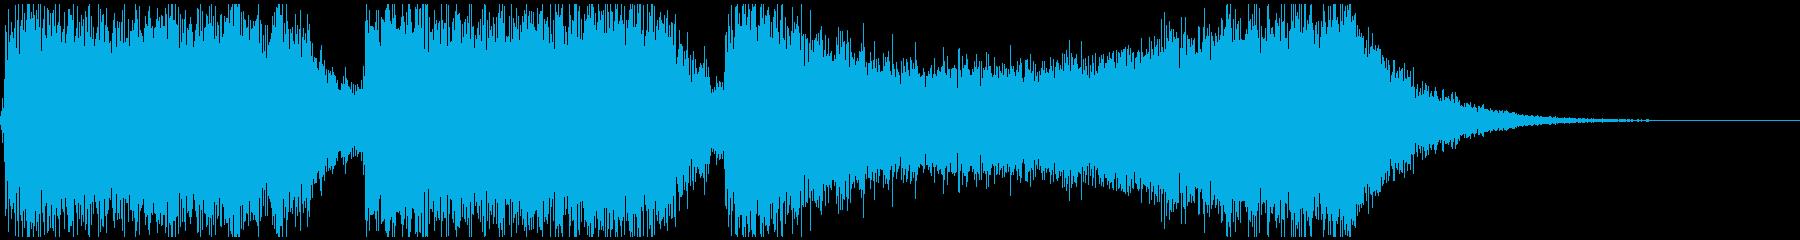 巨大怪獣/戦艦登場シーンの超重厚な曲1の再生済みの波形